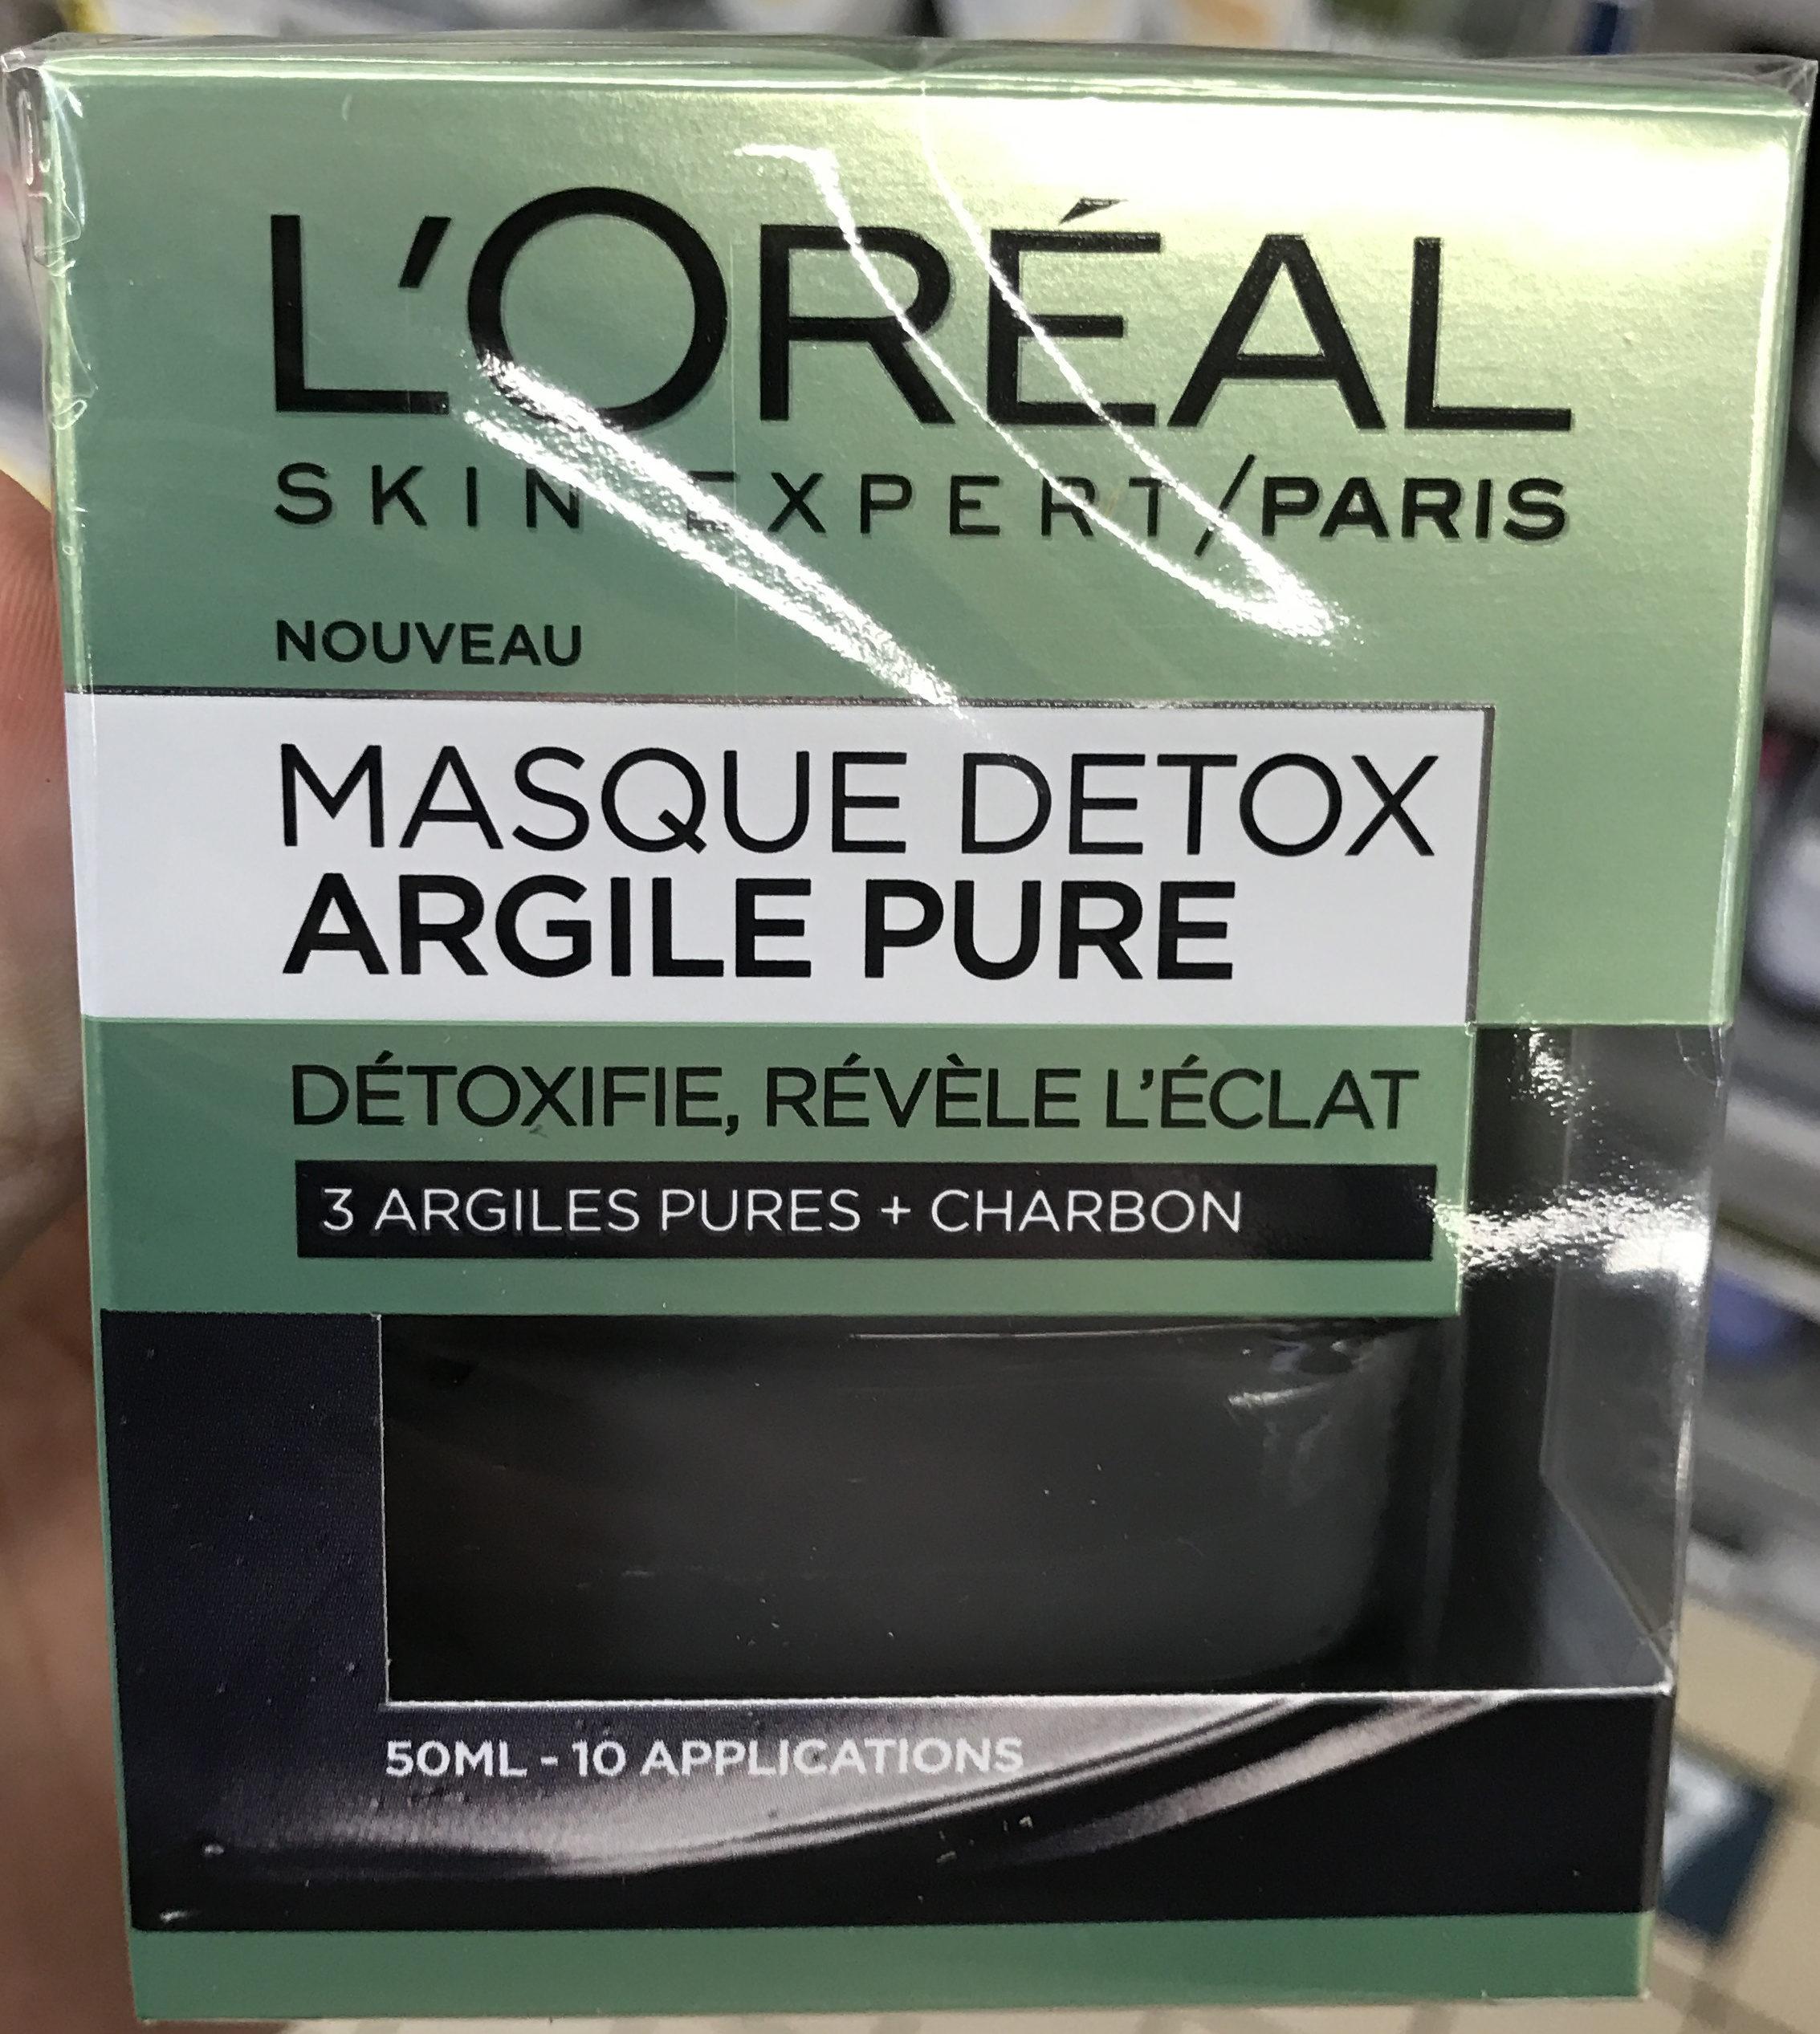 Masque Detox Argile Pure - Produit - fr